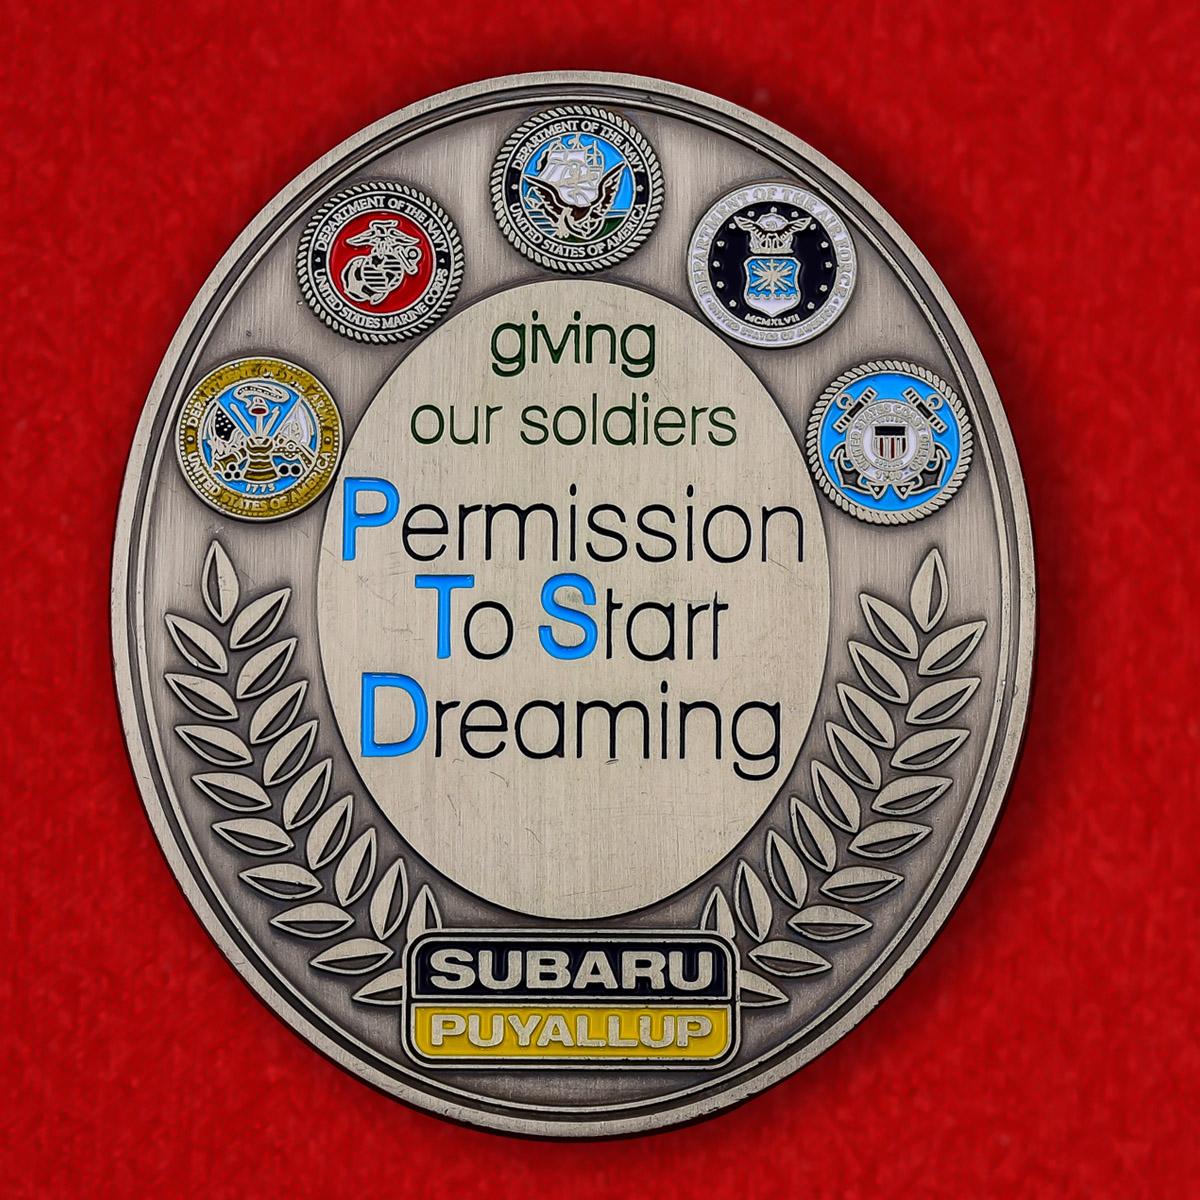 """Челлендж коин """"Полумарафон в поддержку военнослужащих США в Гиг-Харборе, штат Вашингтон"""""""